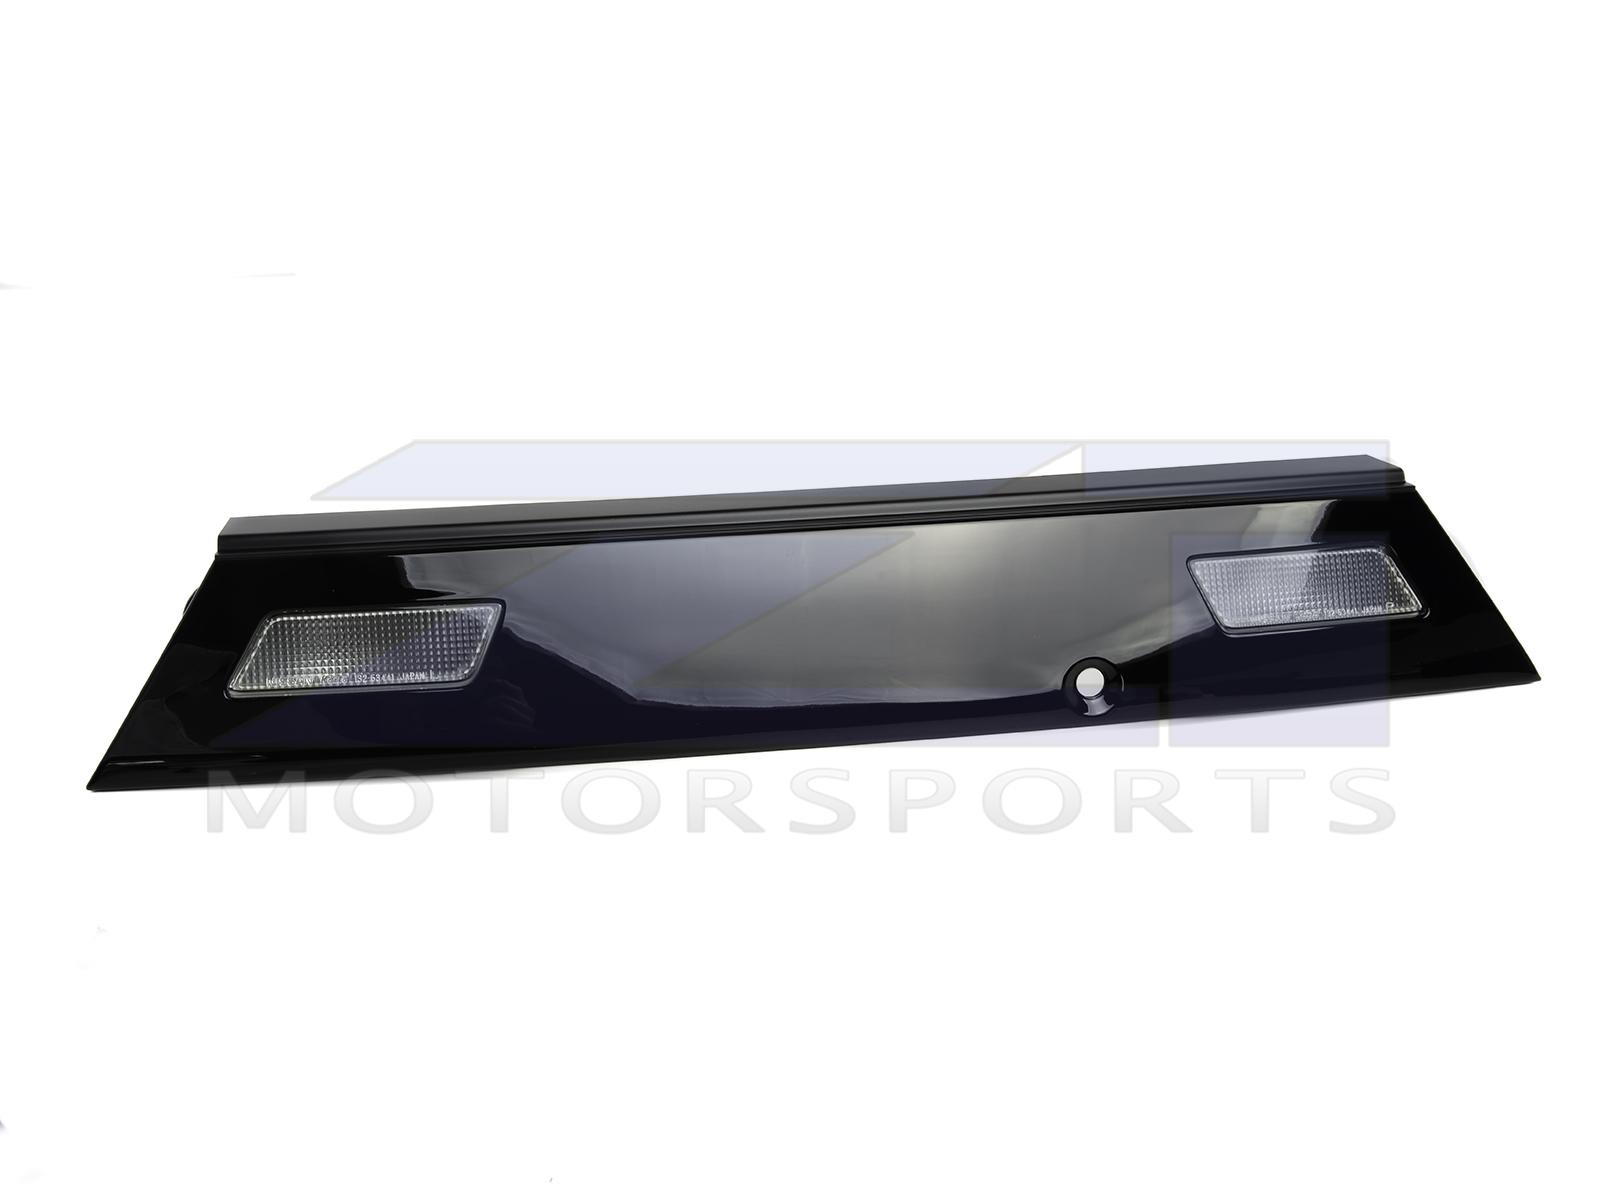 Jdm 180sx Kouki Tail Light Conversion Kit Performance Oem